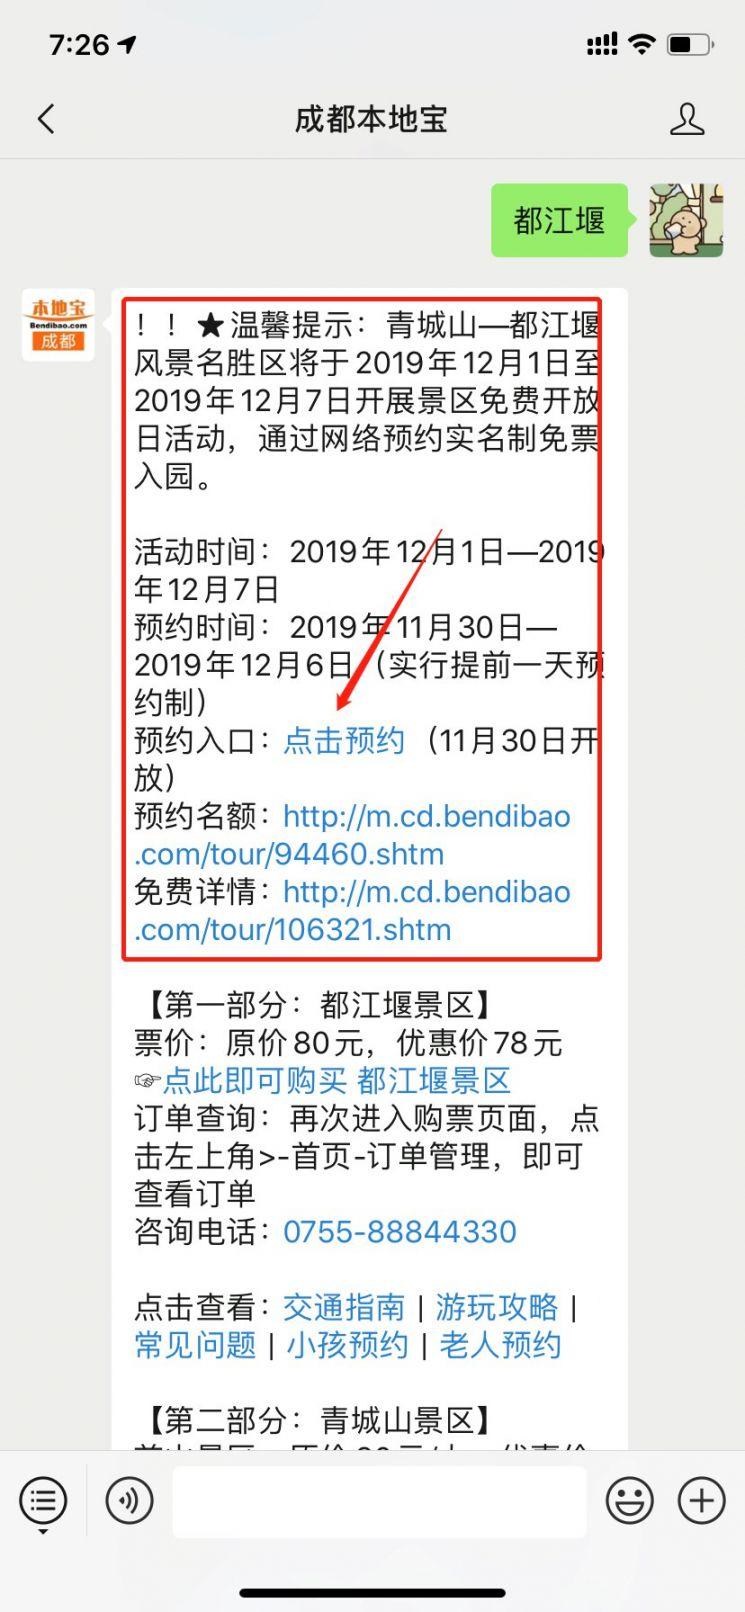 2019都江堰青城山景区免费票预约全攻略